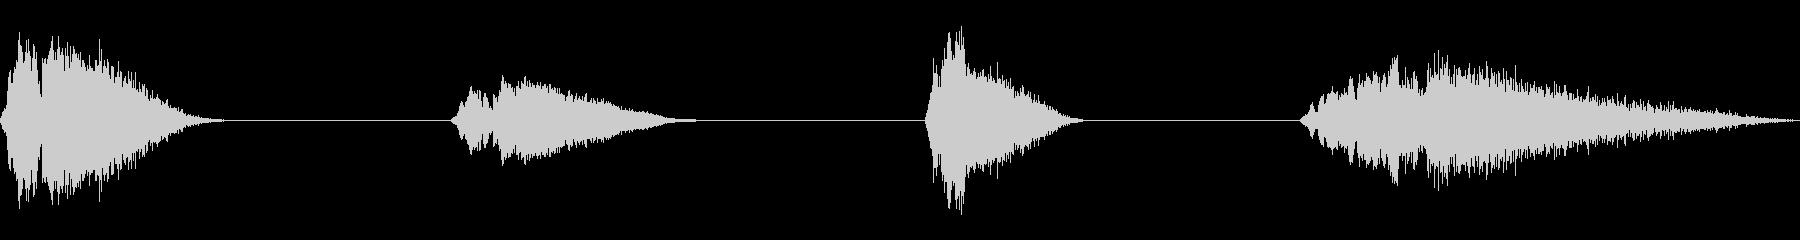 カートン、ファニーヒット+ホイッス...の未再生の波形